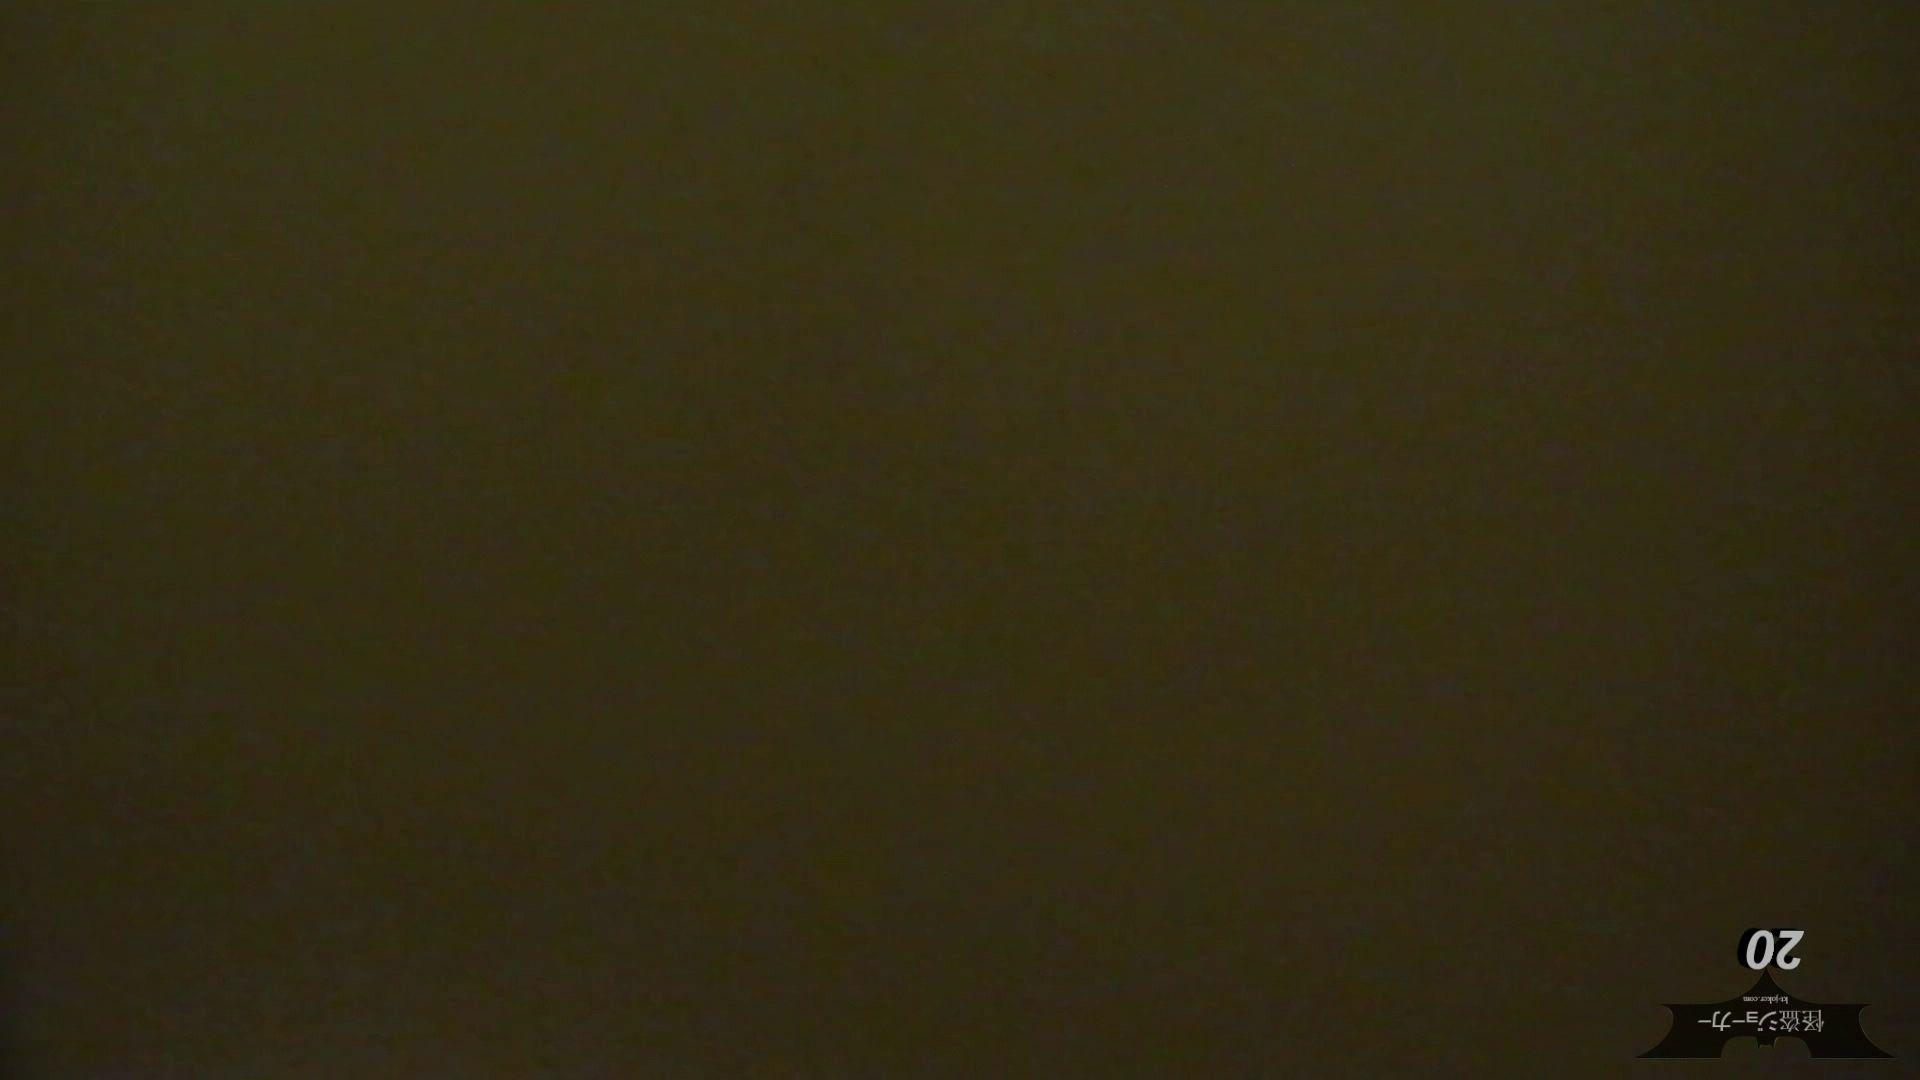 阿国ちゃんの「和式洋式七変化」 (NEW)20 噂の一回で二度オイシイ「W録」! 洗面所 | 和式  106枚 85